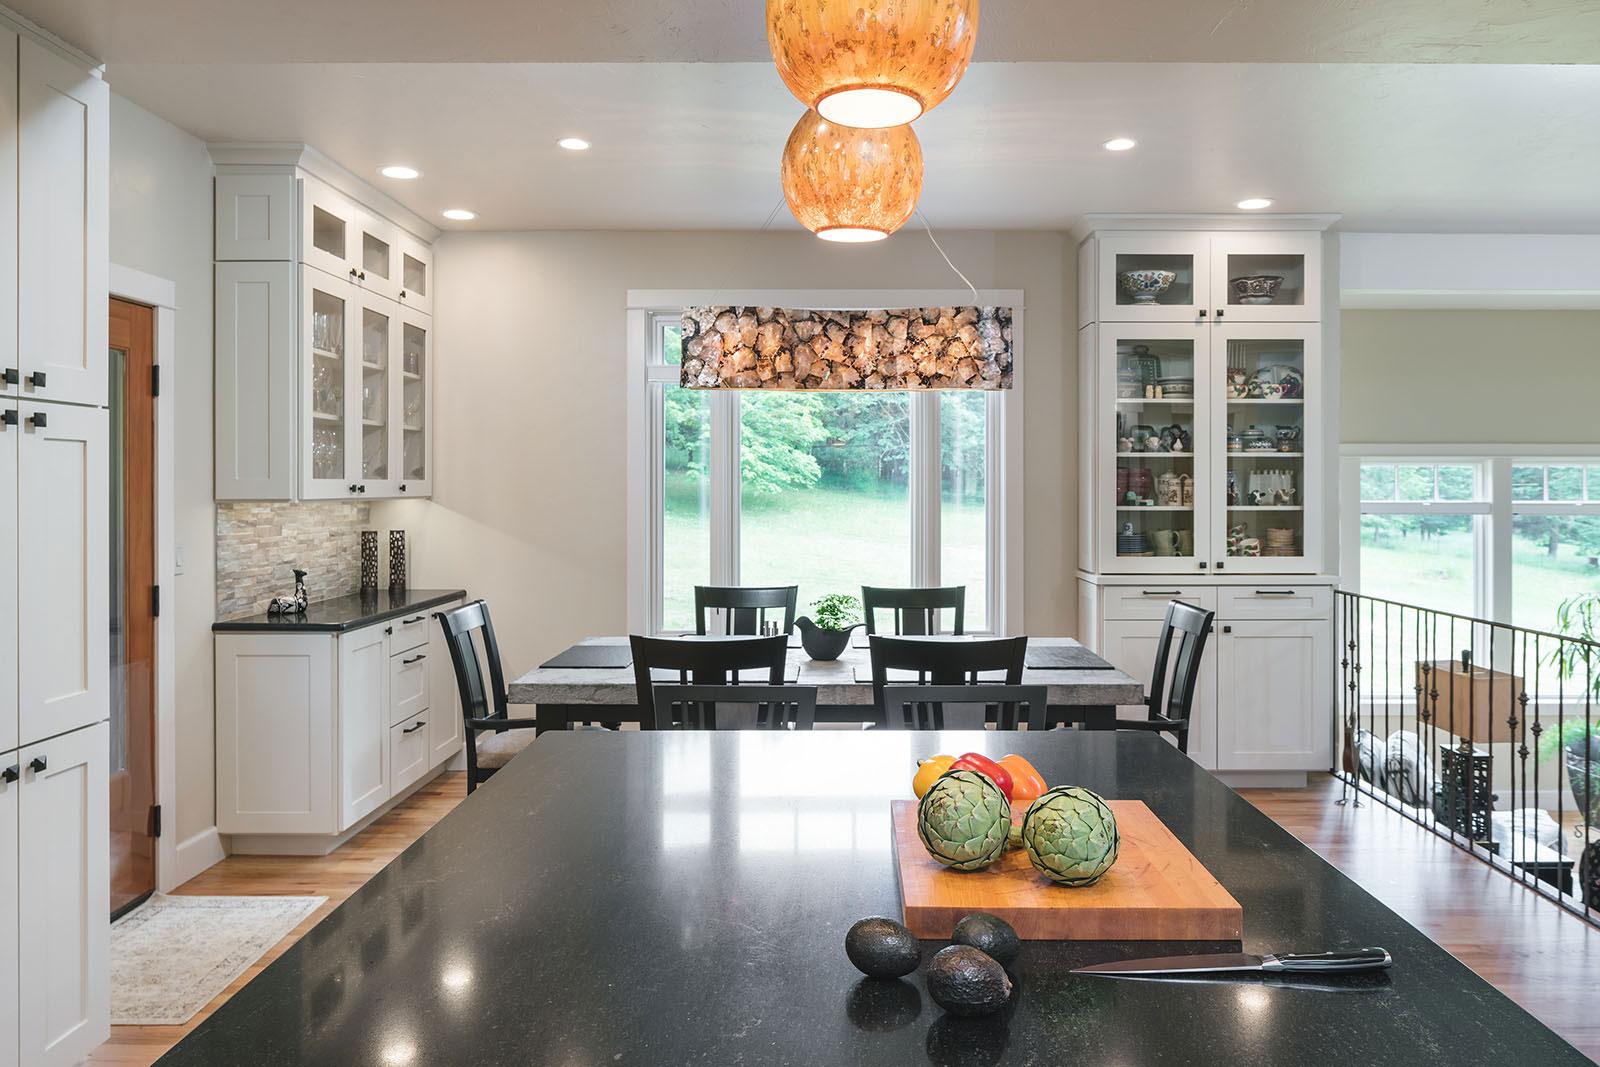 home remodel - Henderer Design + Build, Corvallis OR